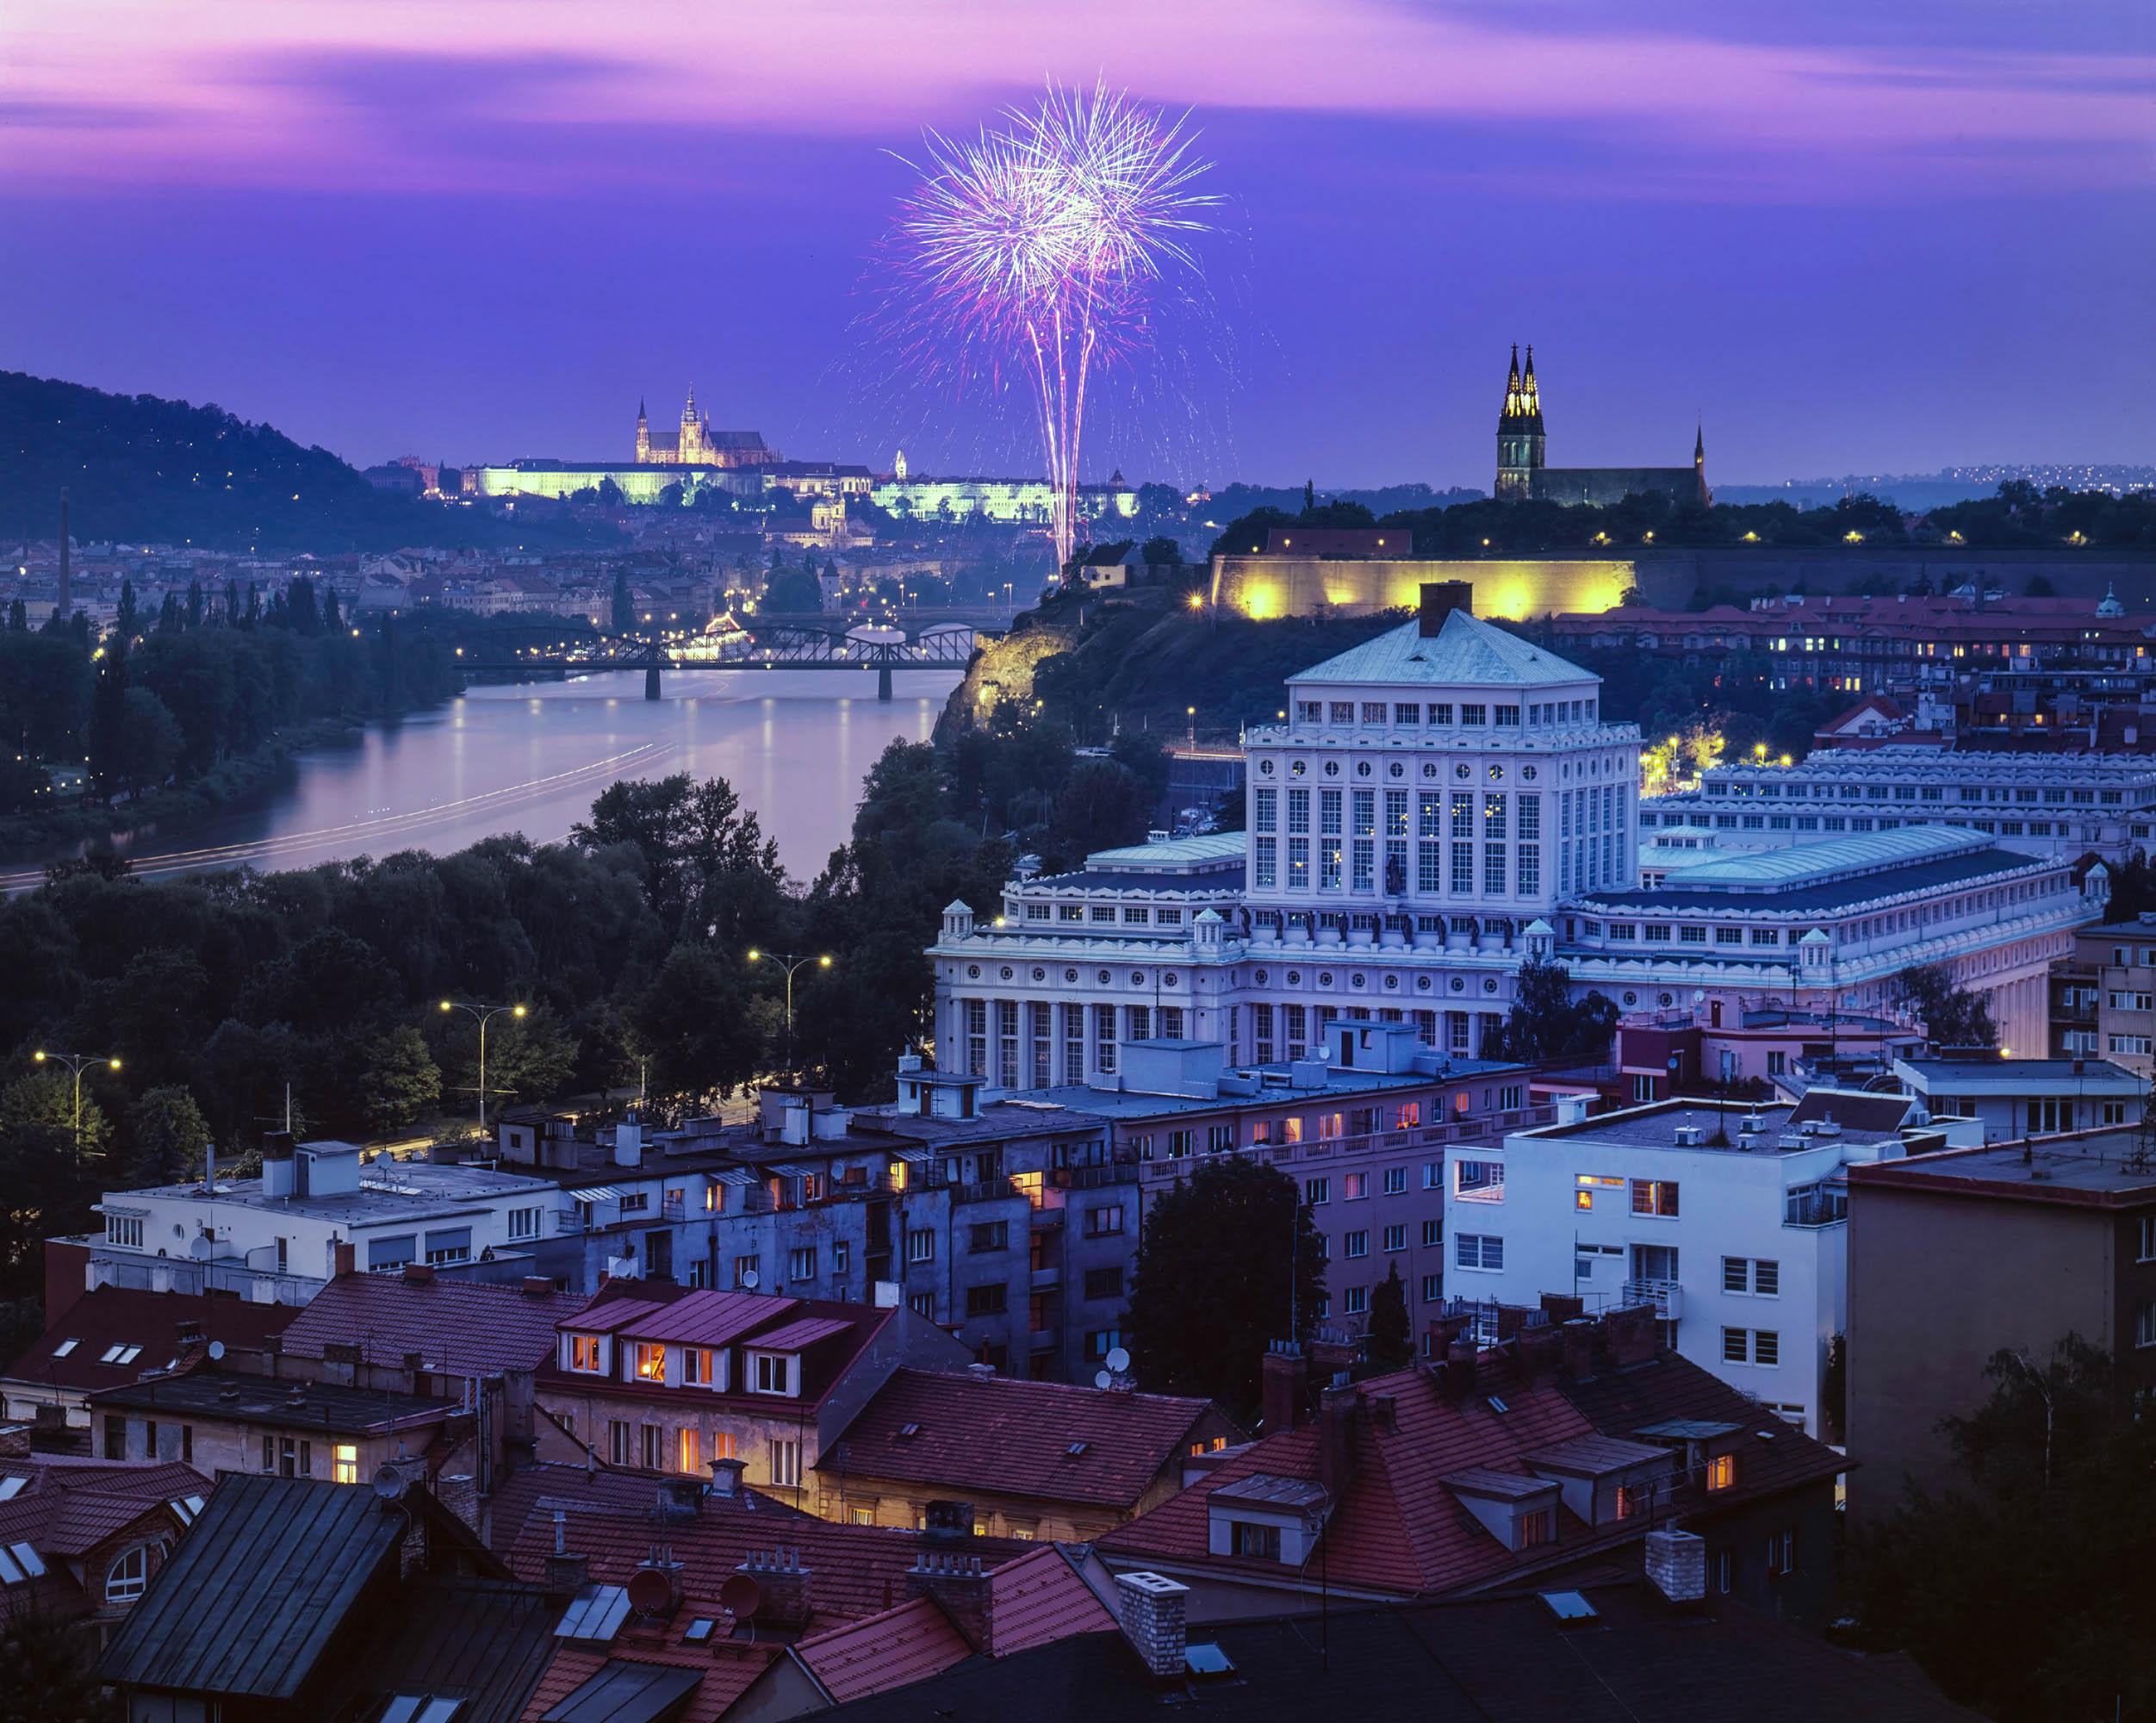 Silvester in Prag: Die spektakulärsten Partys und Events